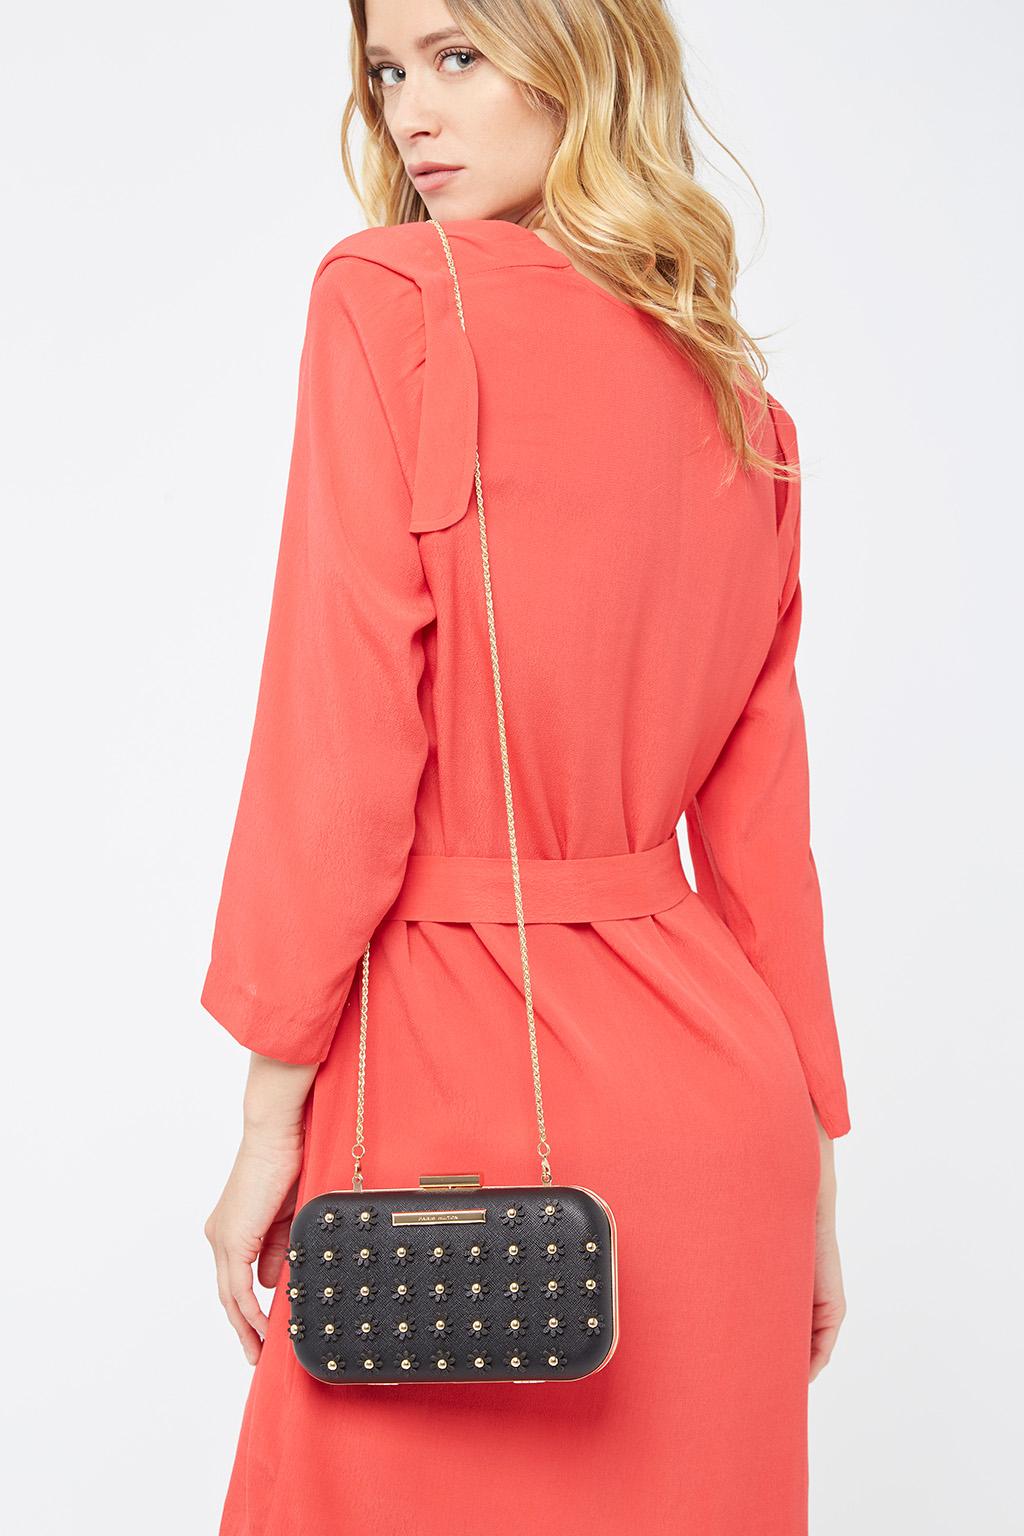 Vente privée de sacs à main Paris Hilton sur Showroomprivé.